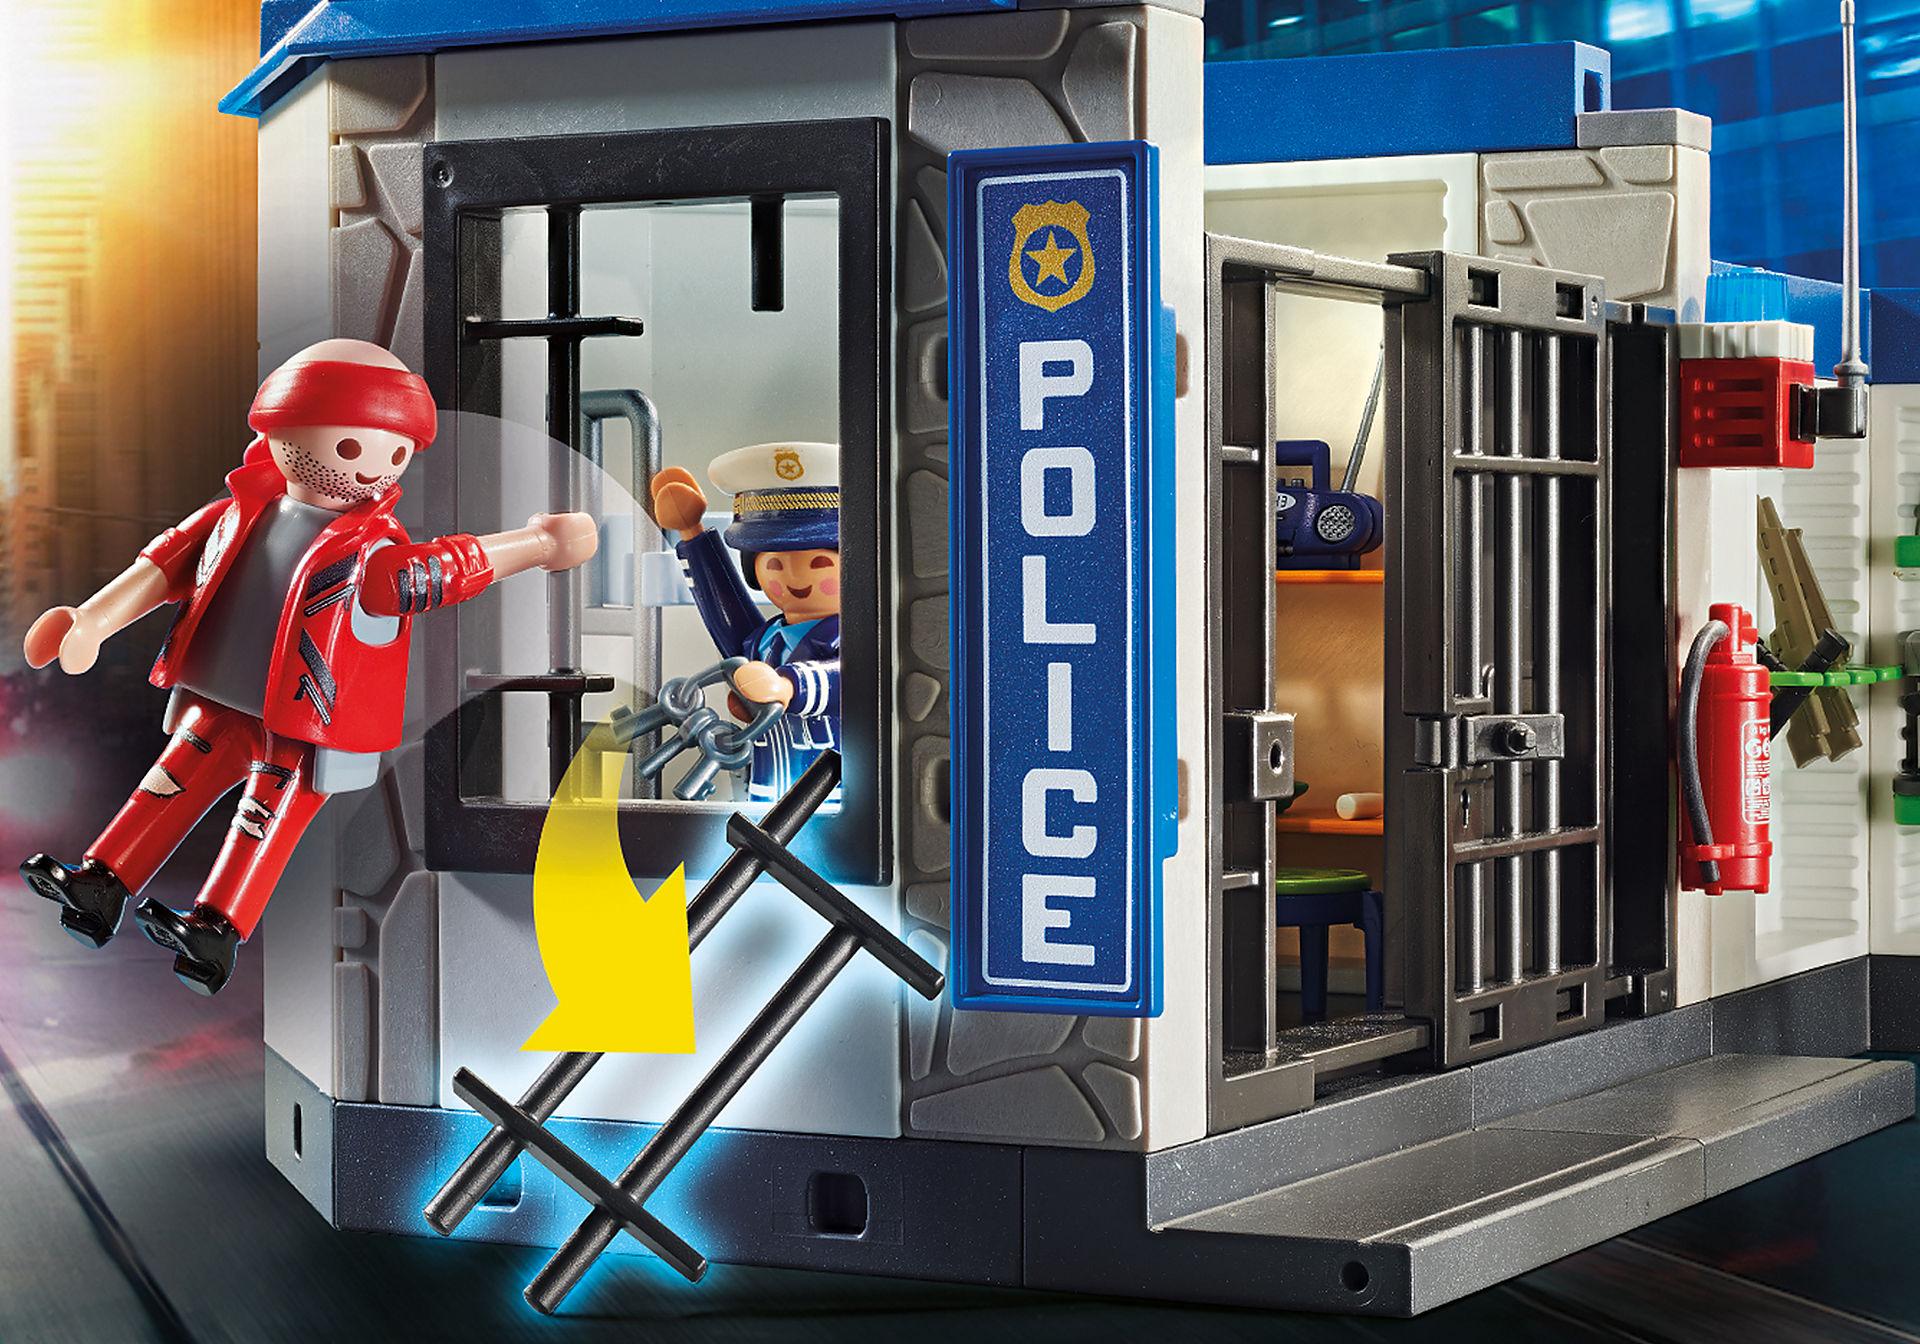 70568 Politi: Flugt fra fængslet zoom image4